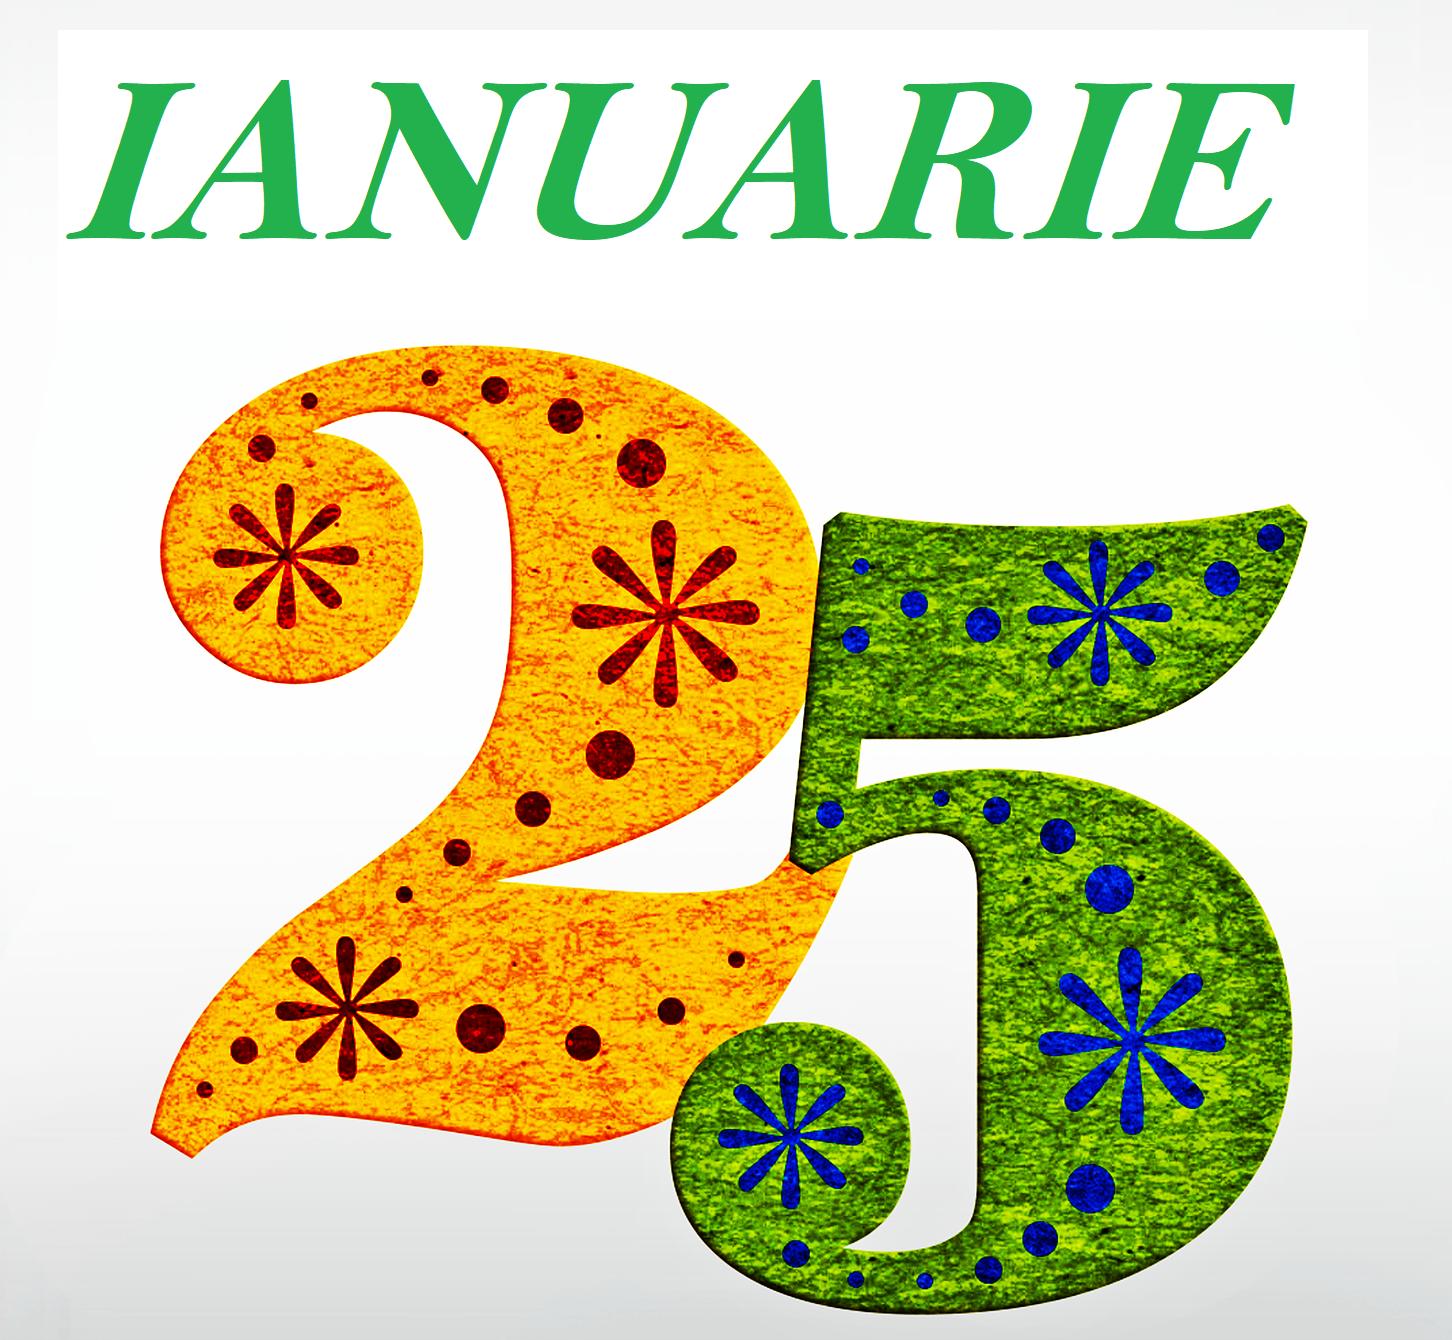 25 ianuarie zi libera - sfatulparintilor.ro - pixabay_com - calendar-3703607__340